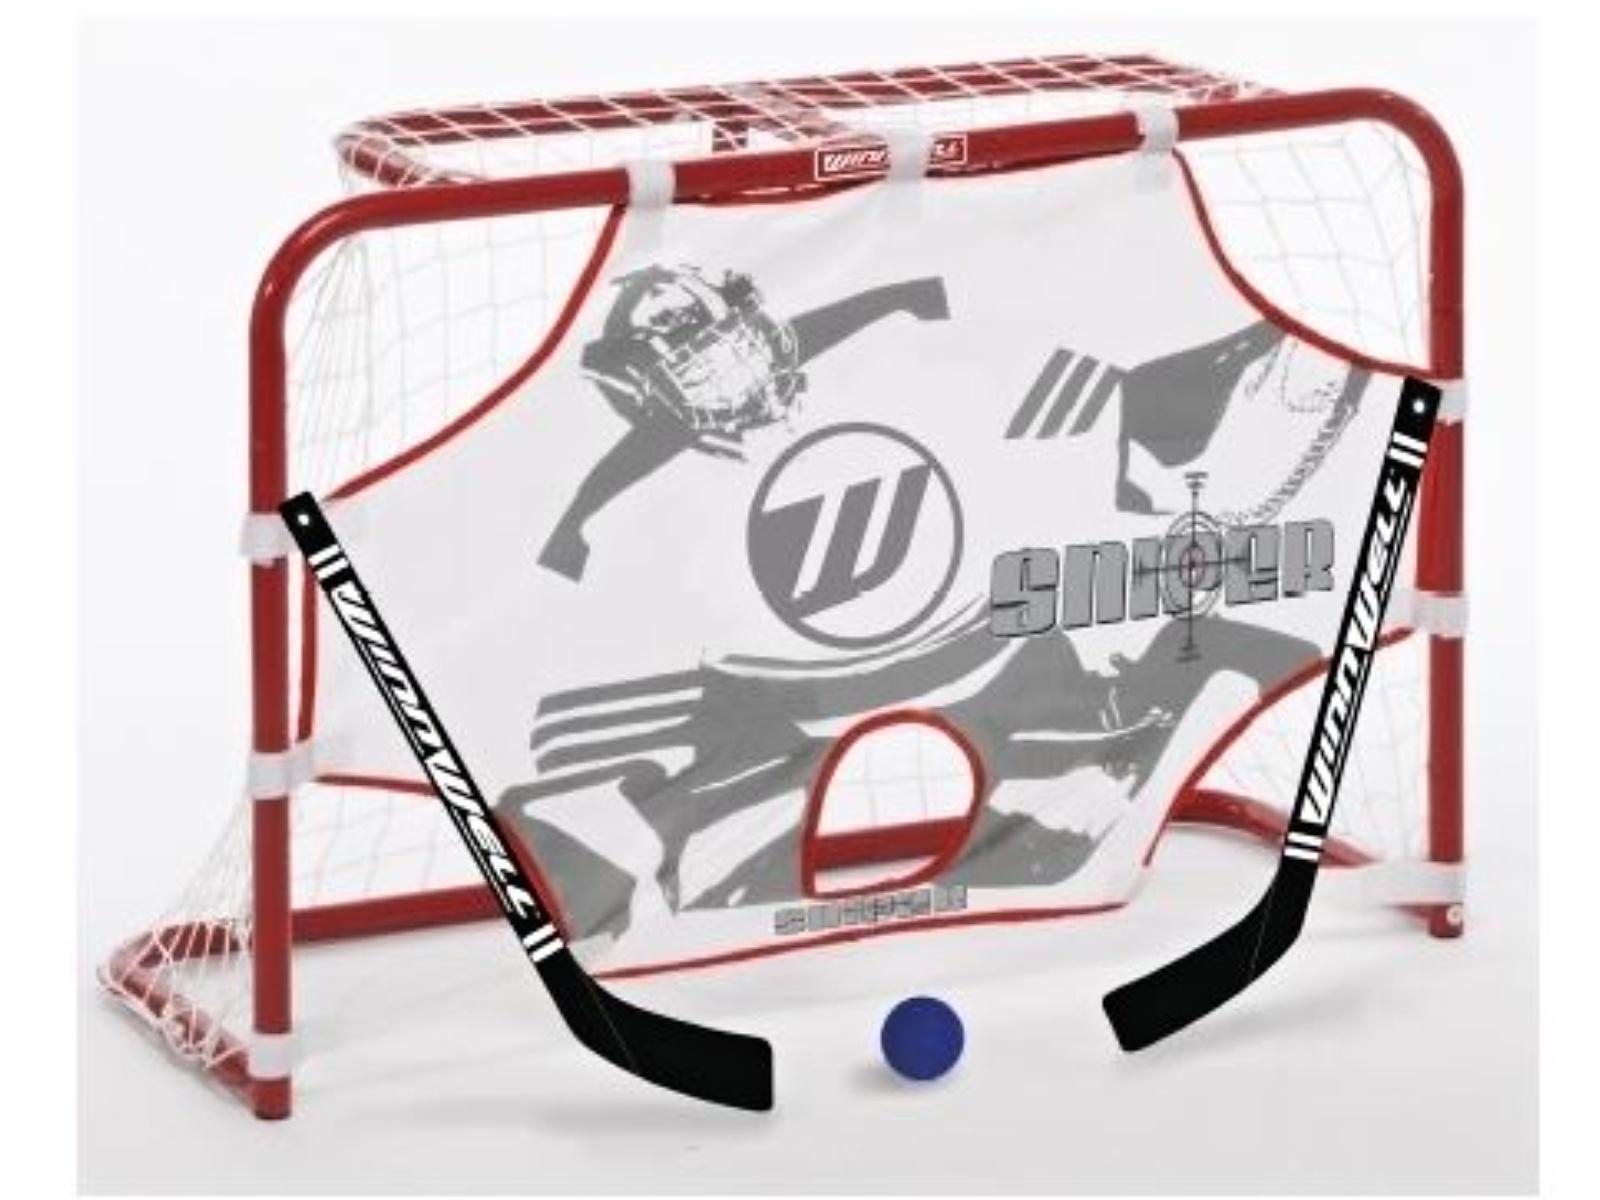 Dětská hokejová skládací branka Mini set 32